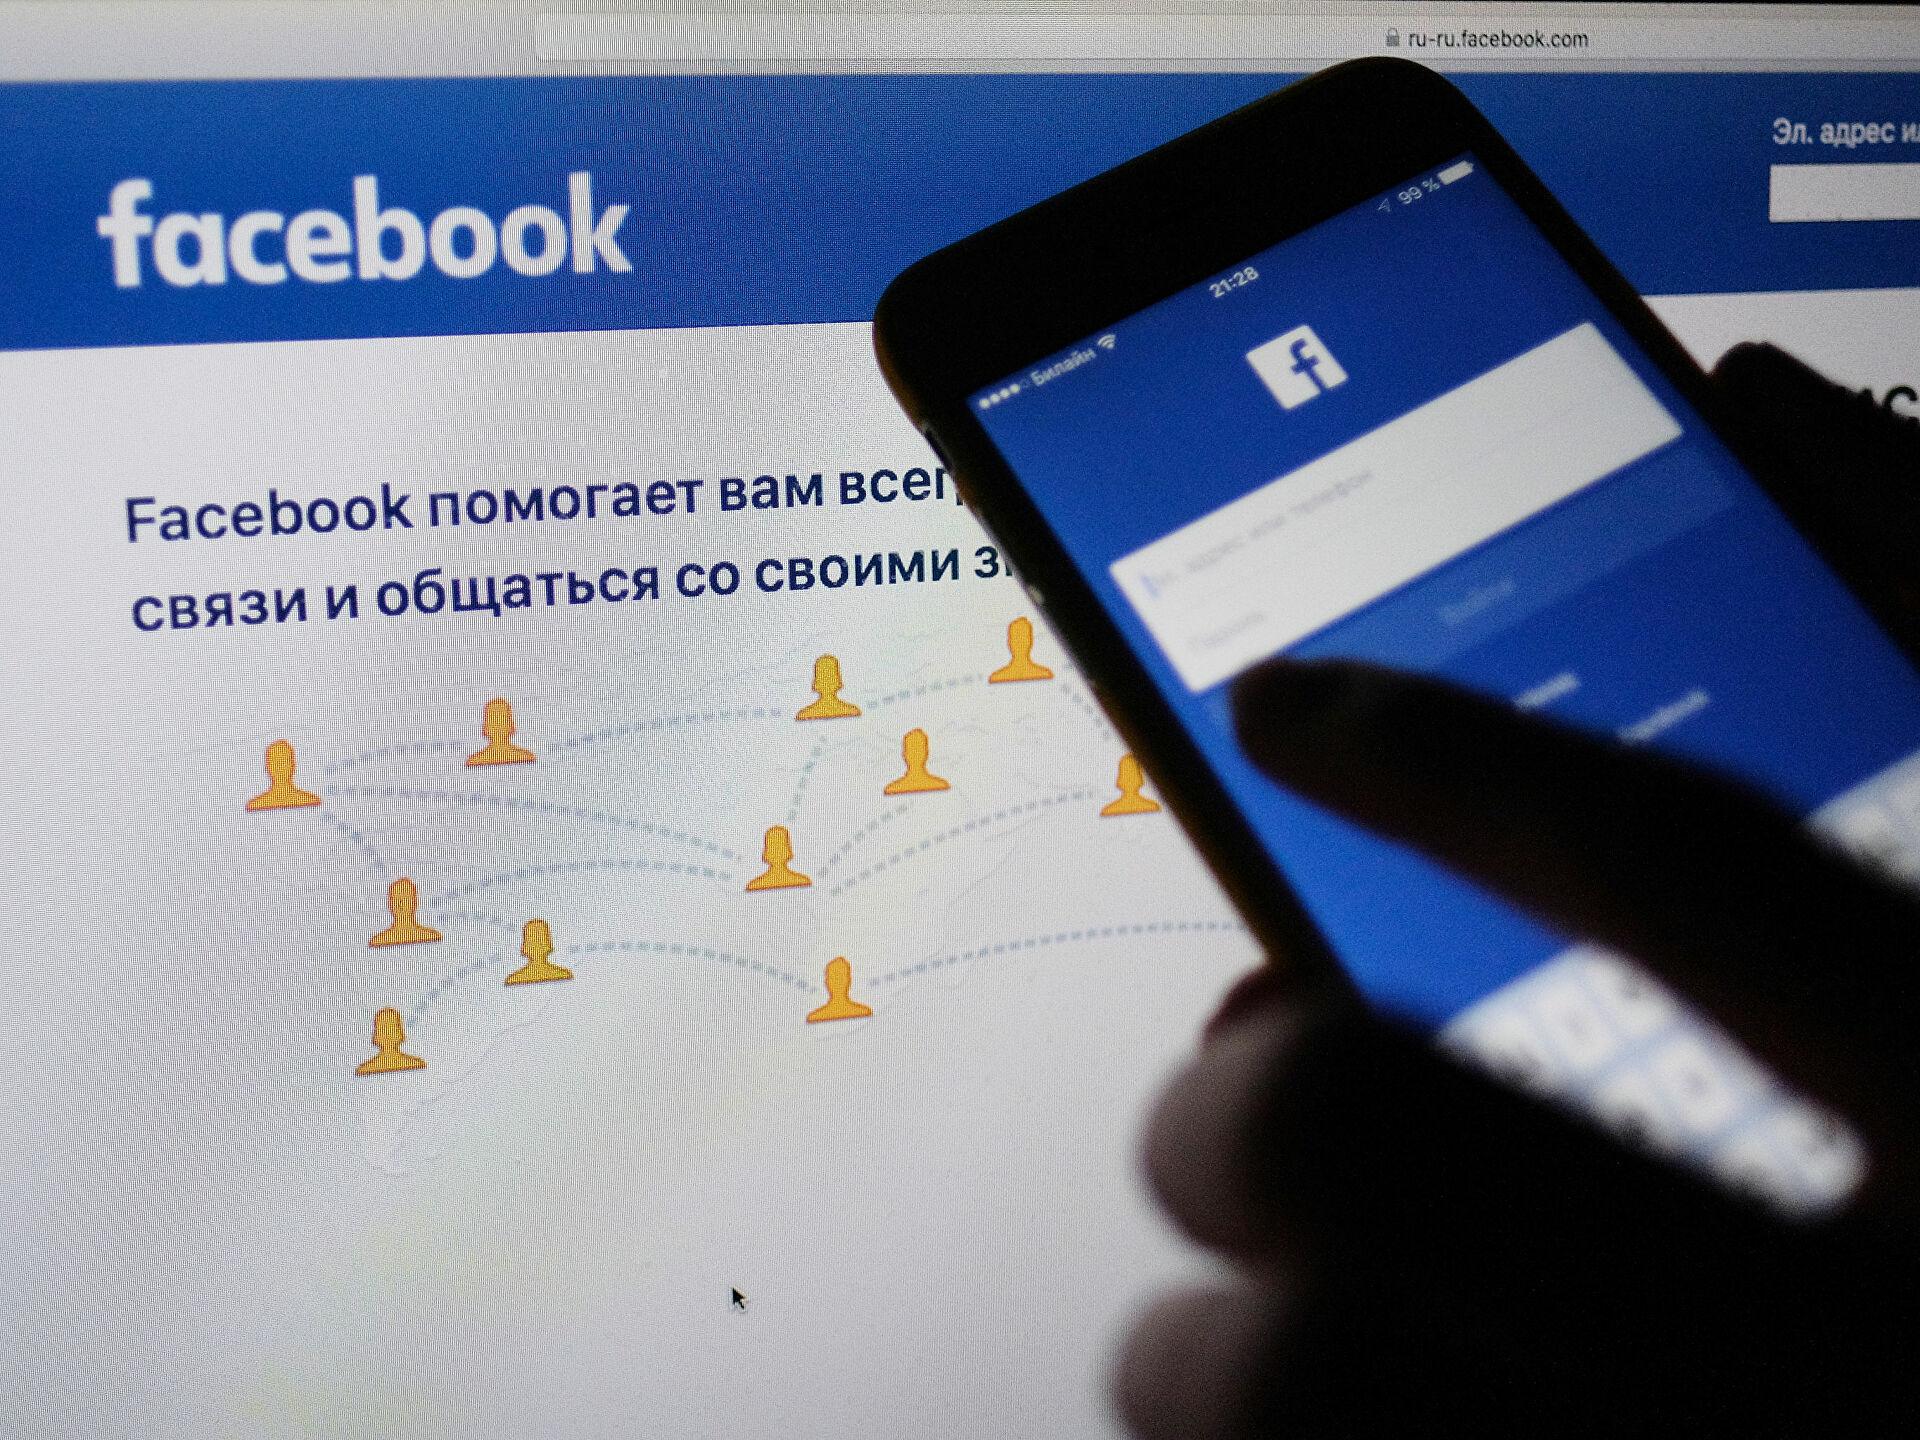 Facebook и Instagram заявили, что отслеживание информации на iOS помогает сервисам оставаться бесплатными